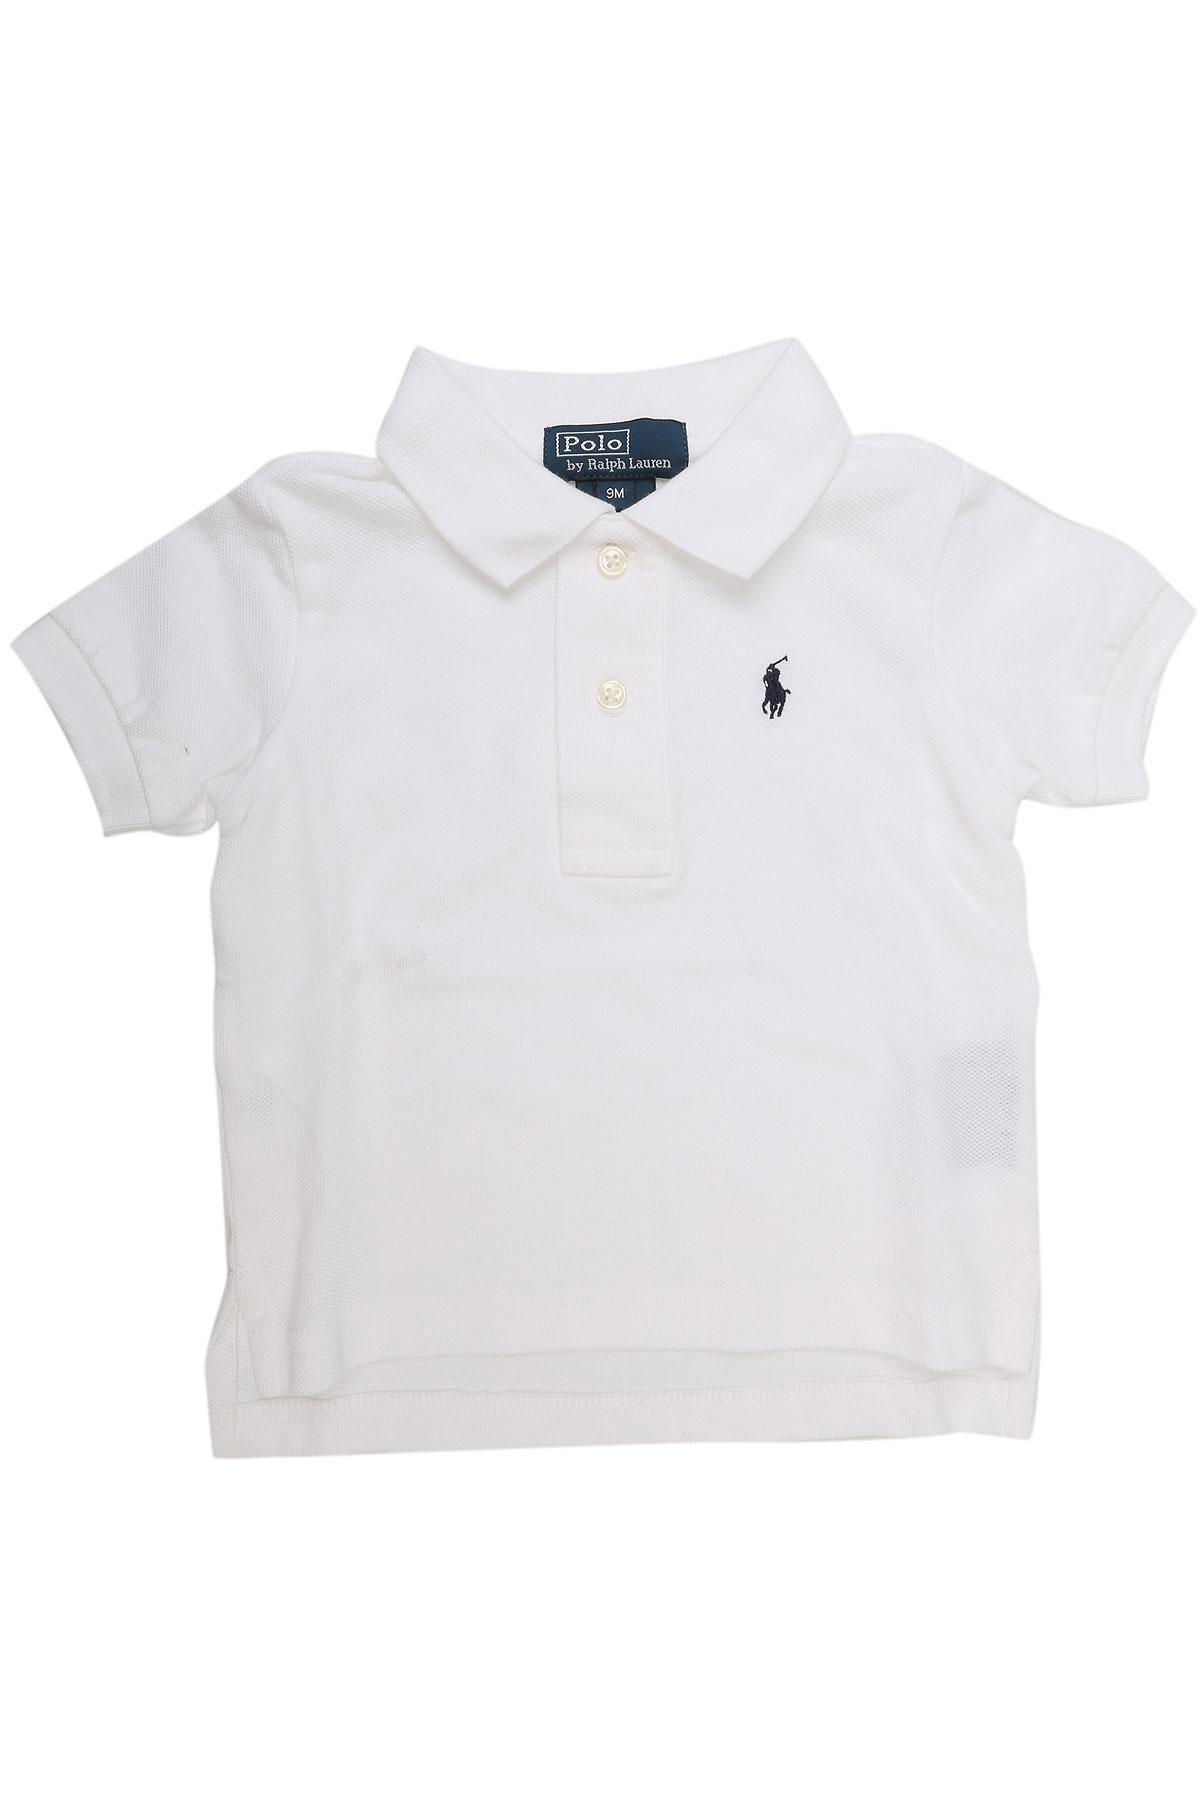 Shirt Dillər Polo Ralph Lauren T Pas CherAzərbaycan Universiteti dhQtrxsCB